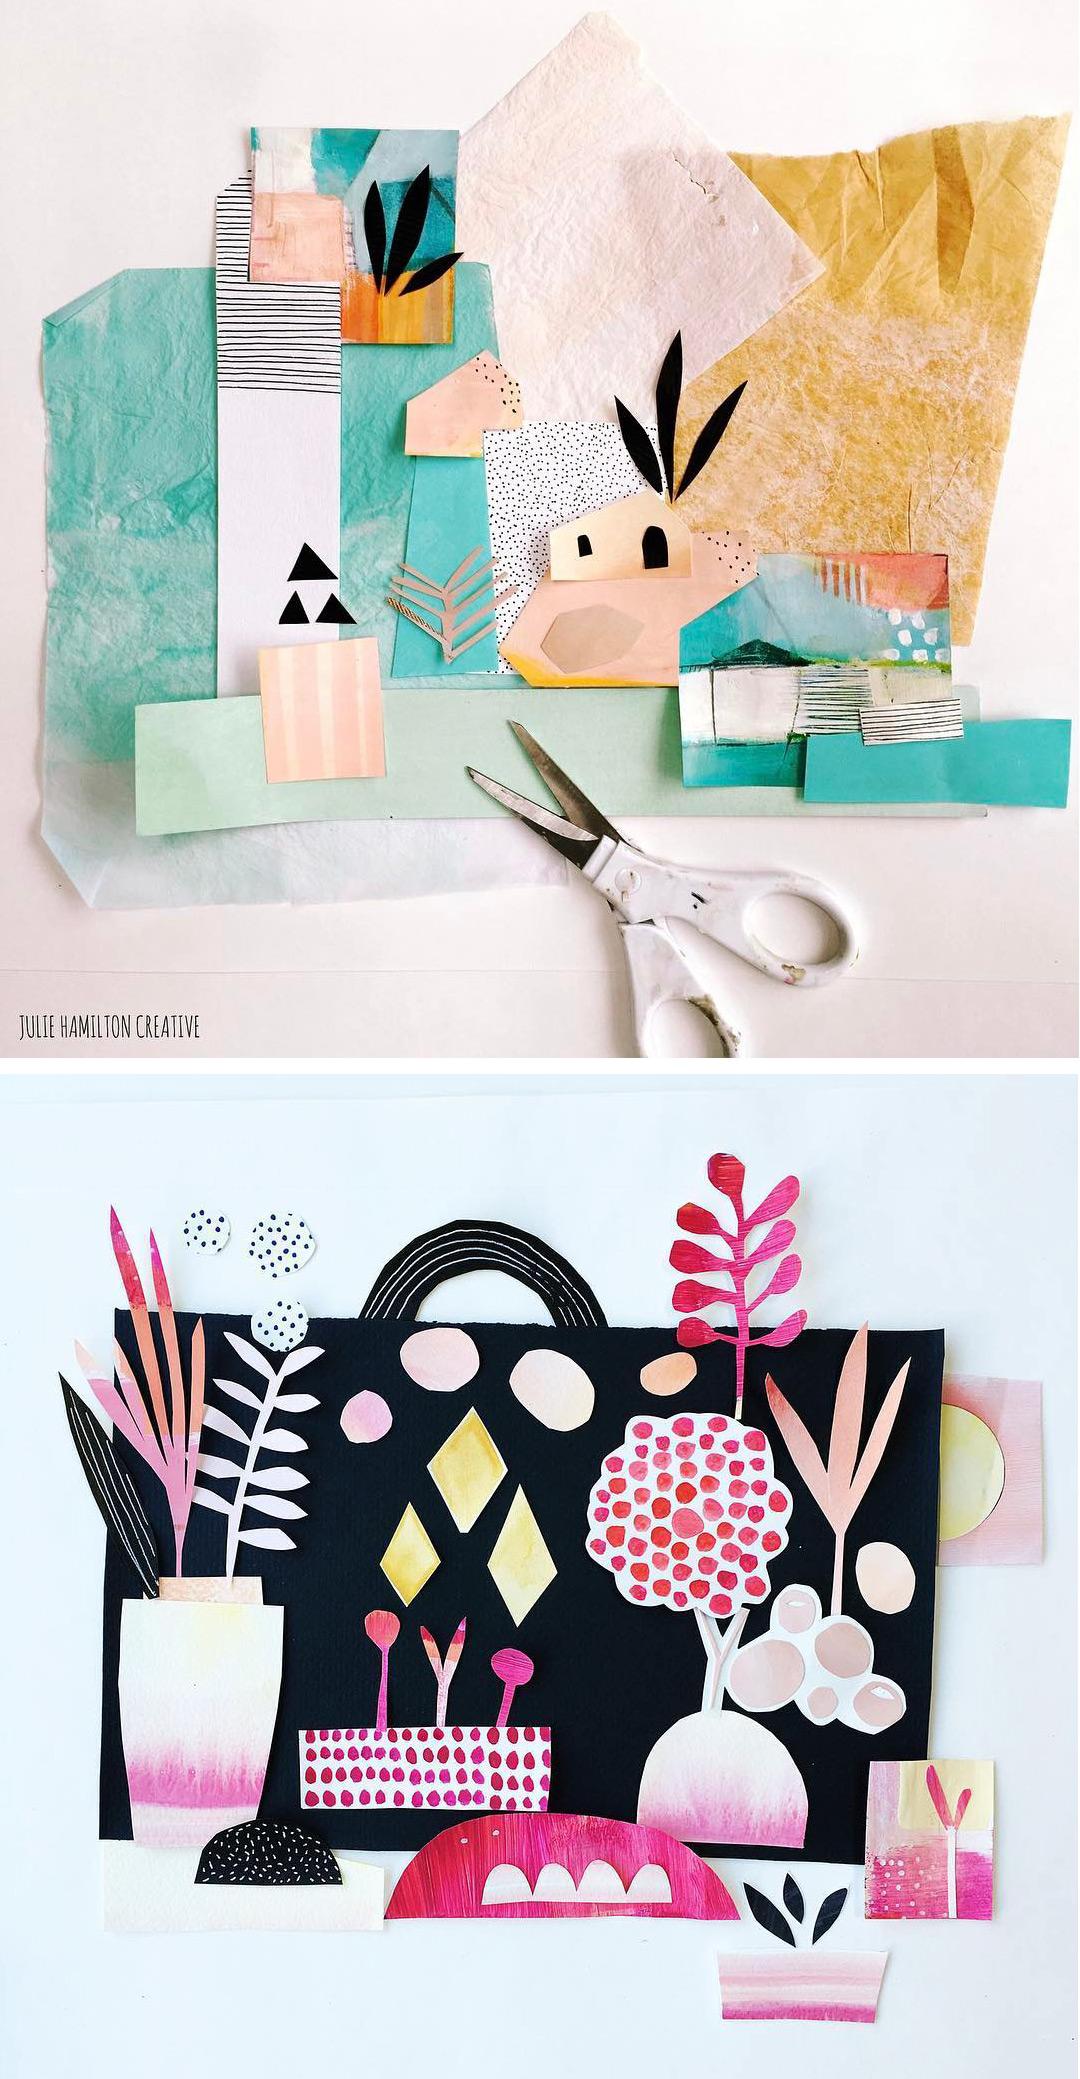 Sketchbook collages by Julie Hamilton